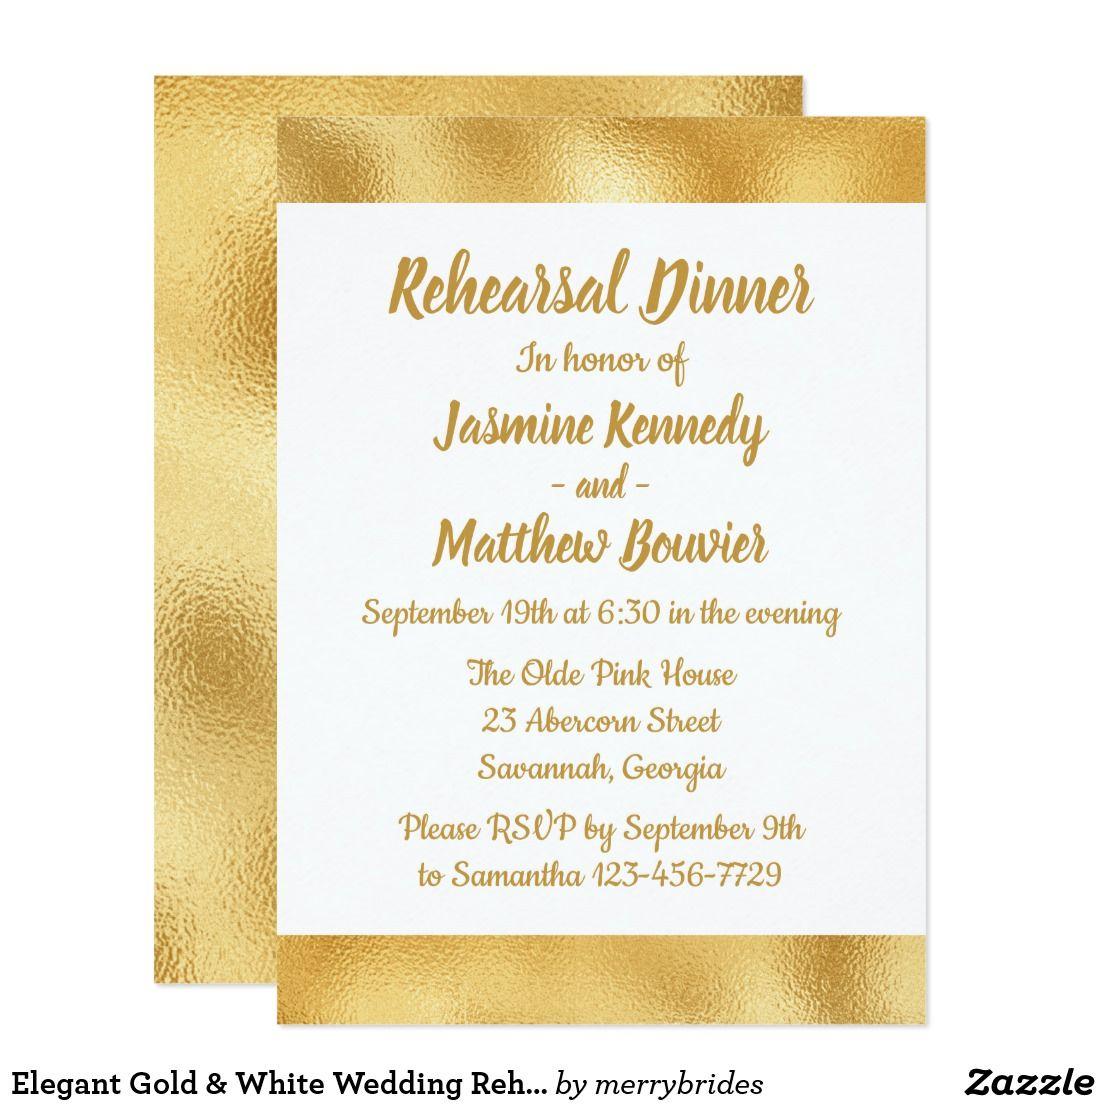 Elegant Gold & White Wedding Rehearsal Dinner Glam Card | Rehearsal ...